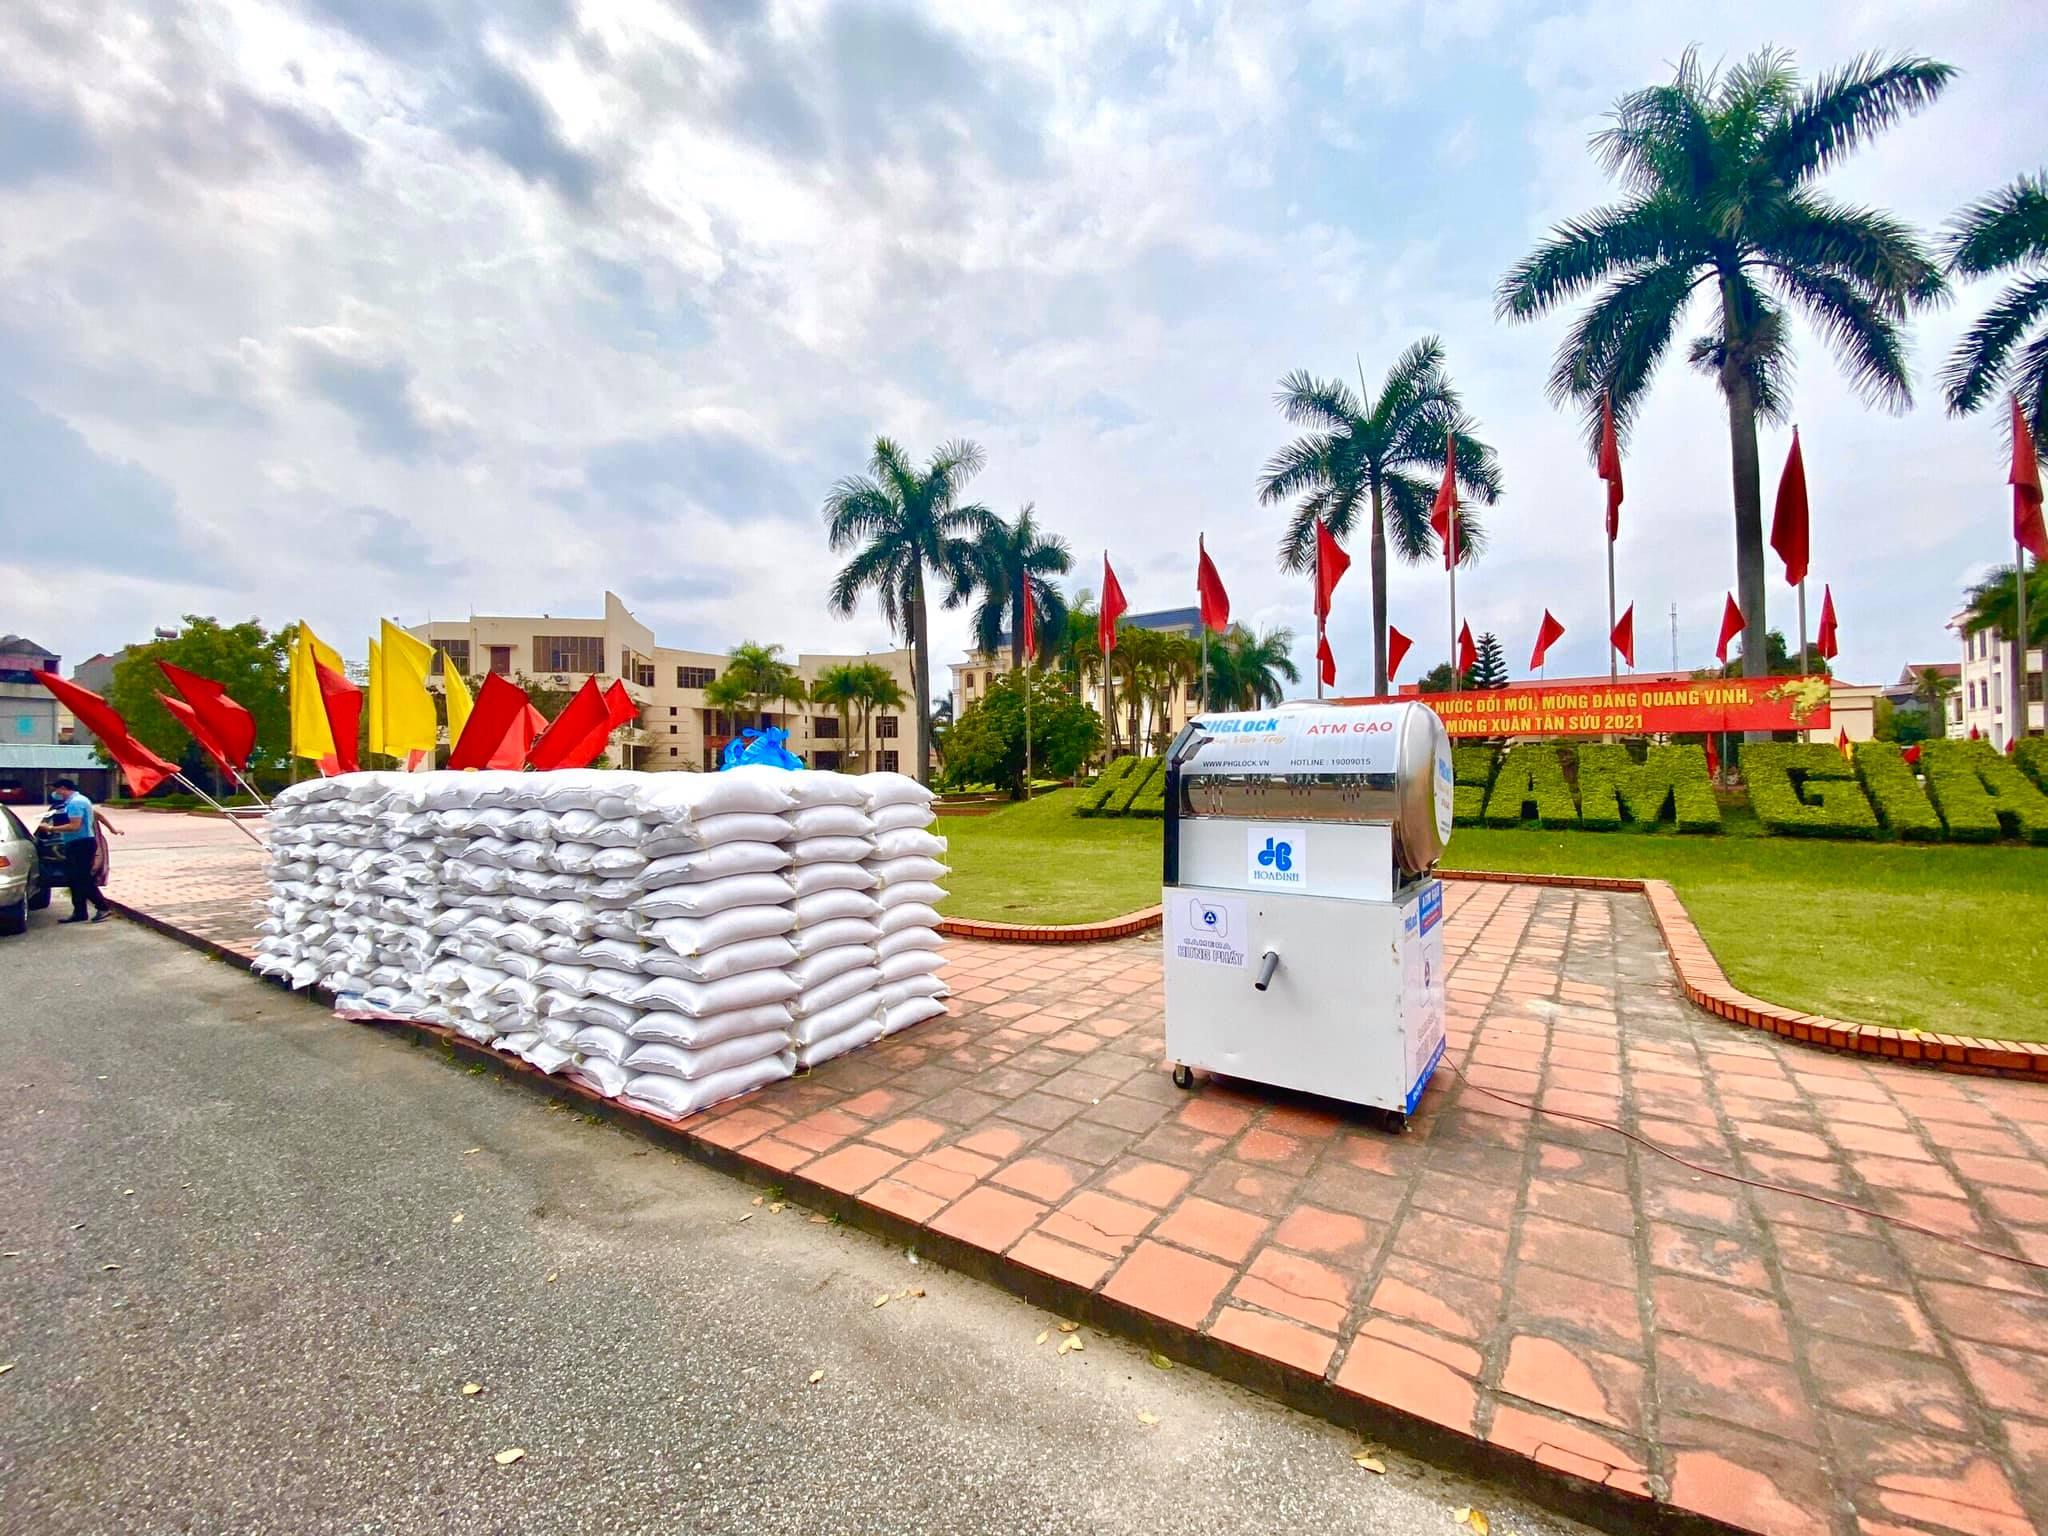 Tập đoàn Hòa Bình ủng hộ 30 tấn gạo xây ATM hỗ trợ Hải Dương 13